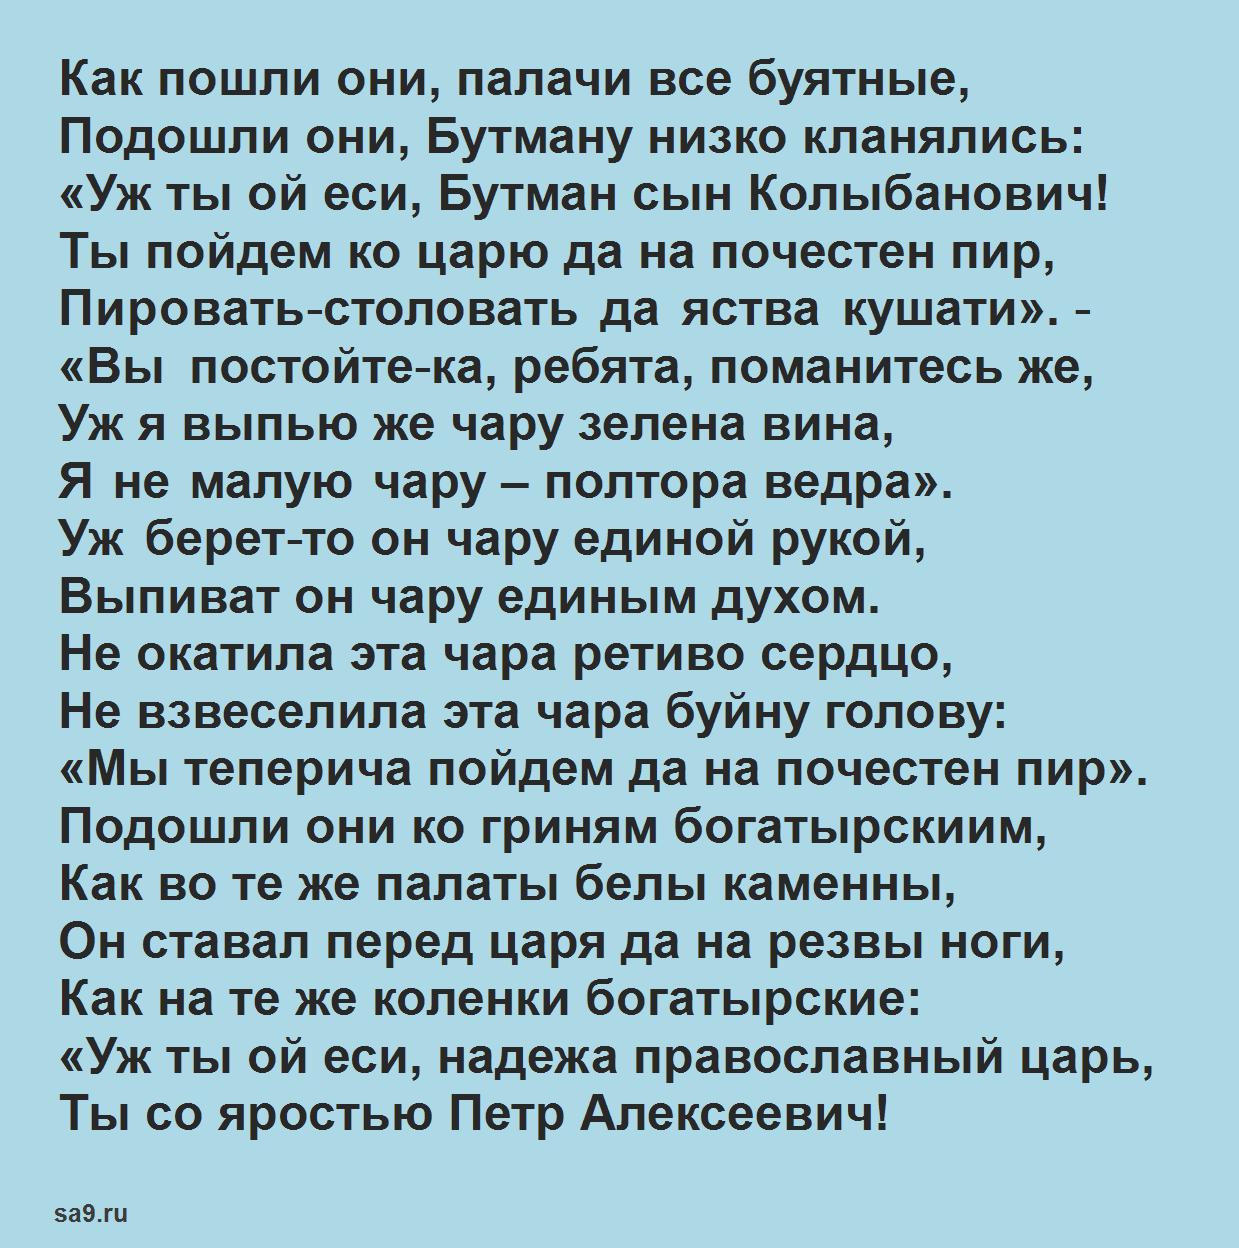 Читать былину - Бутман Колыбанович, полностью